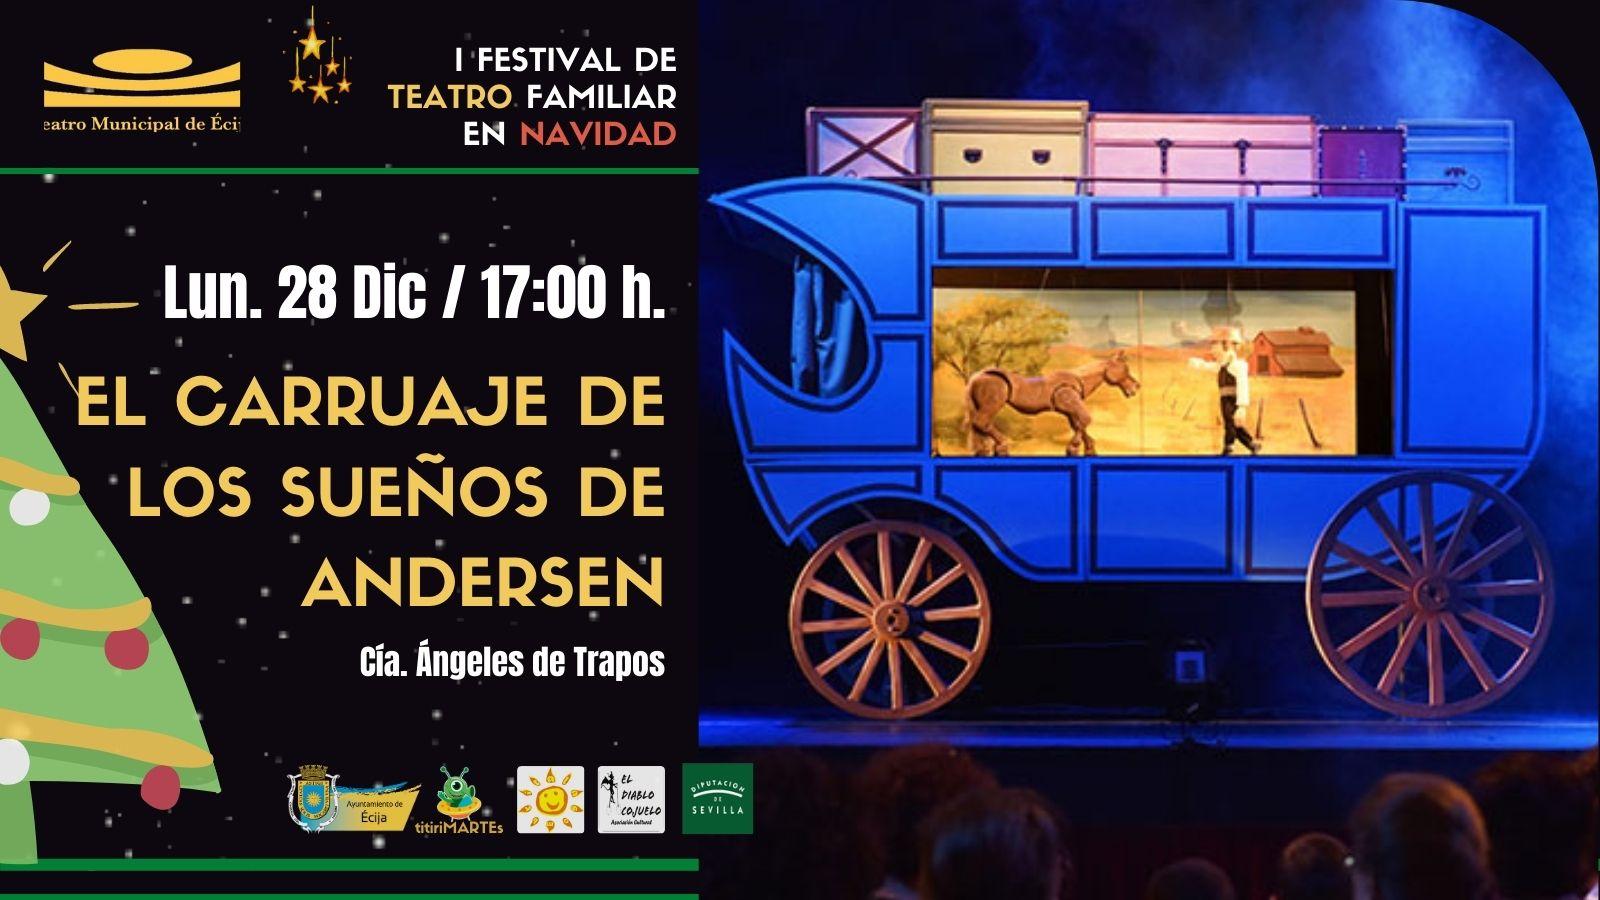 I Festival Teatro Navidad Ecija - El Carruaje de los sueños de andersen